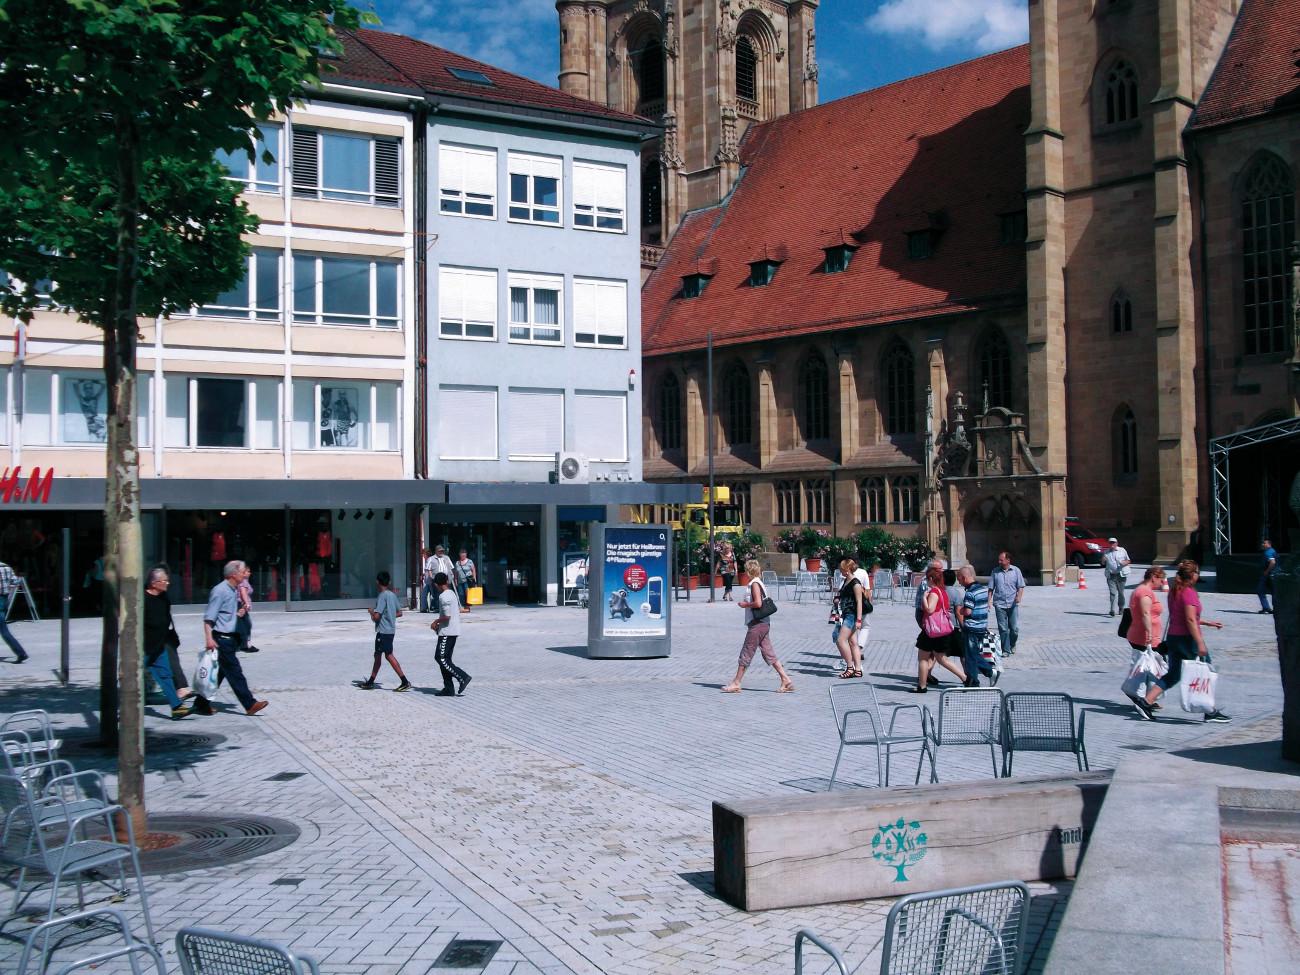 Mobiles CityLightPoster - CLP-Mover auf dem Marktplatz